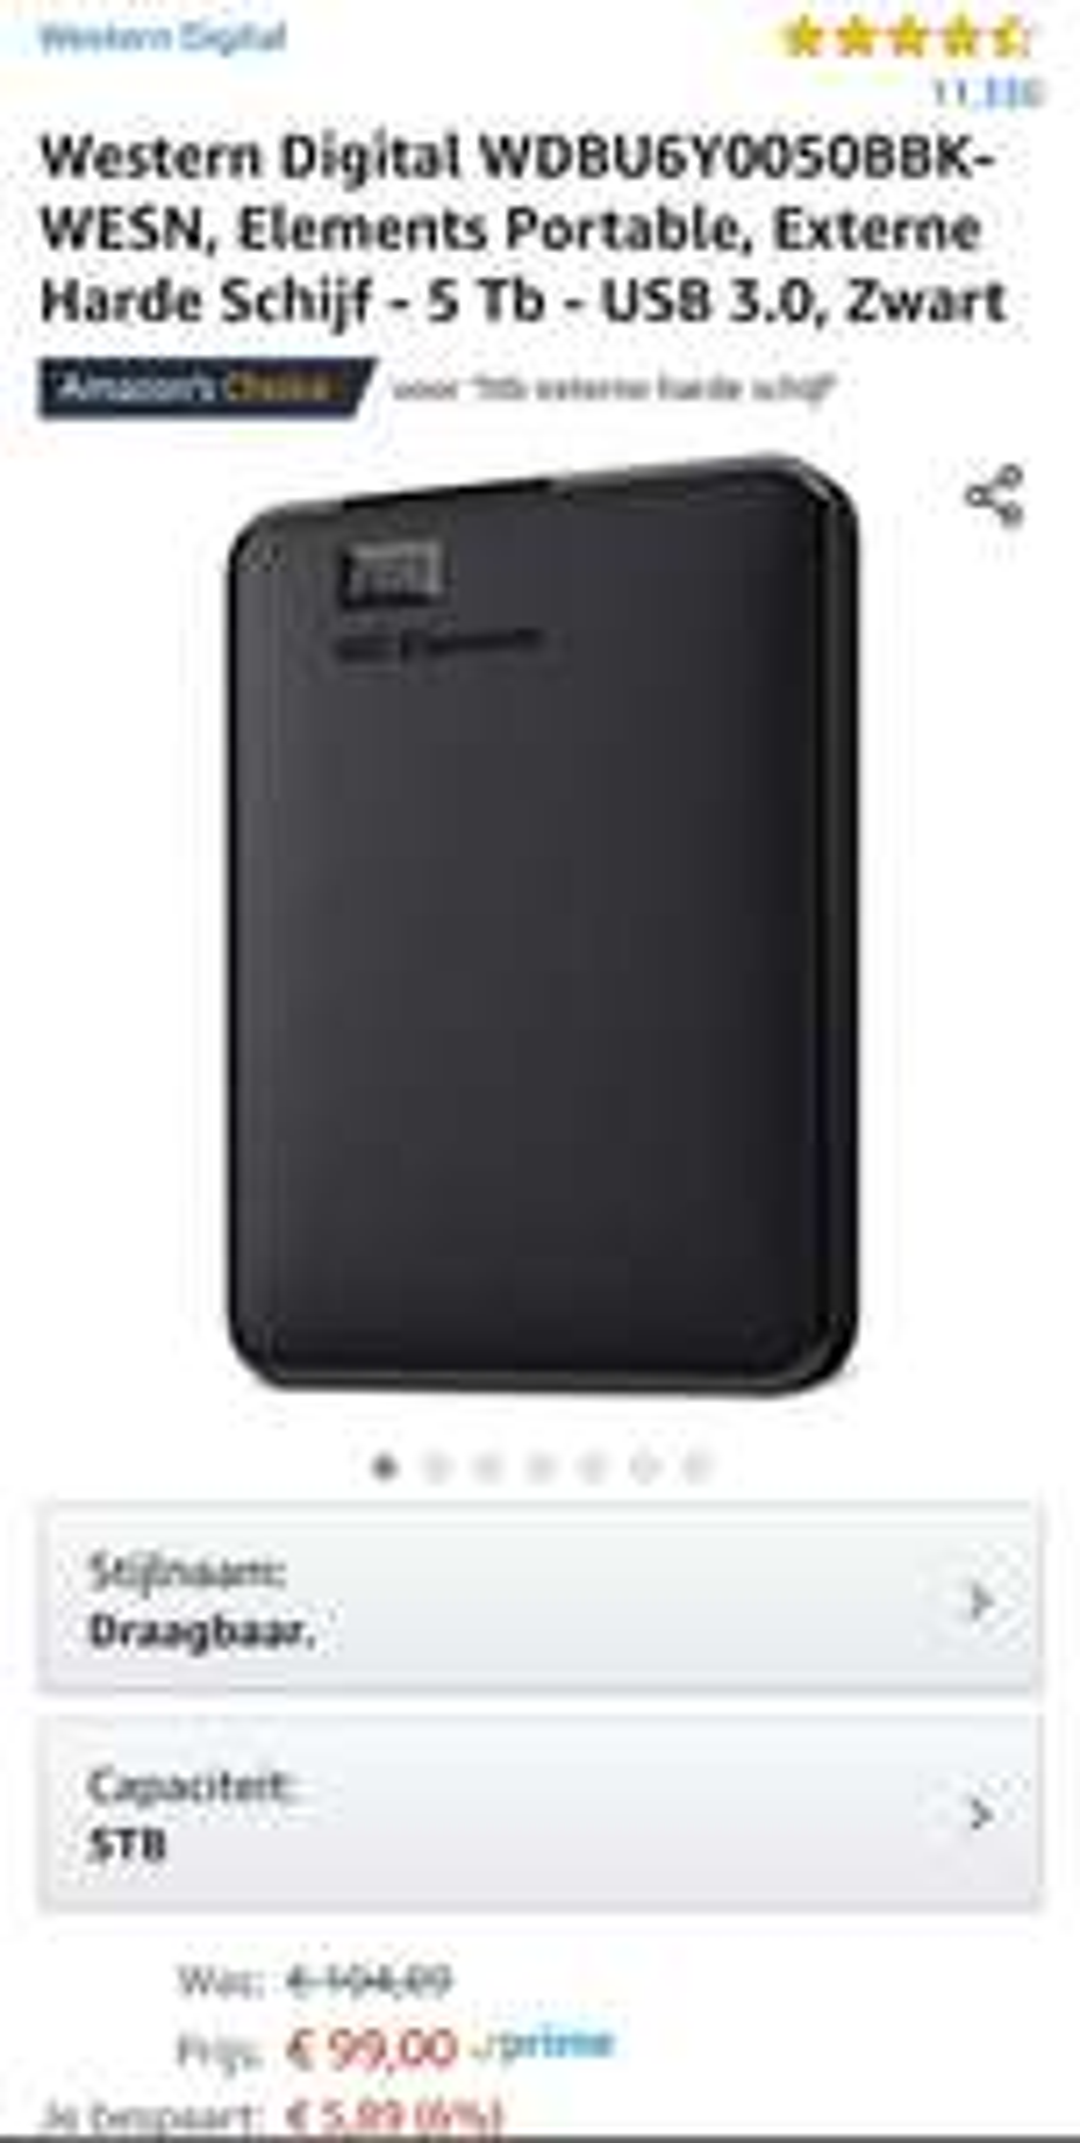 WD Elements Portable USB 3.0 5TB Zwart